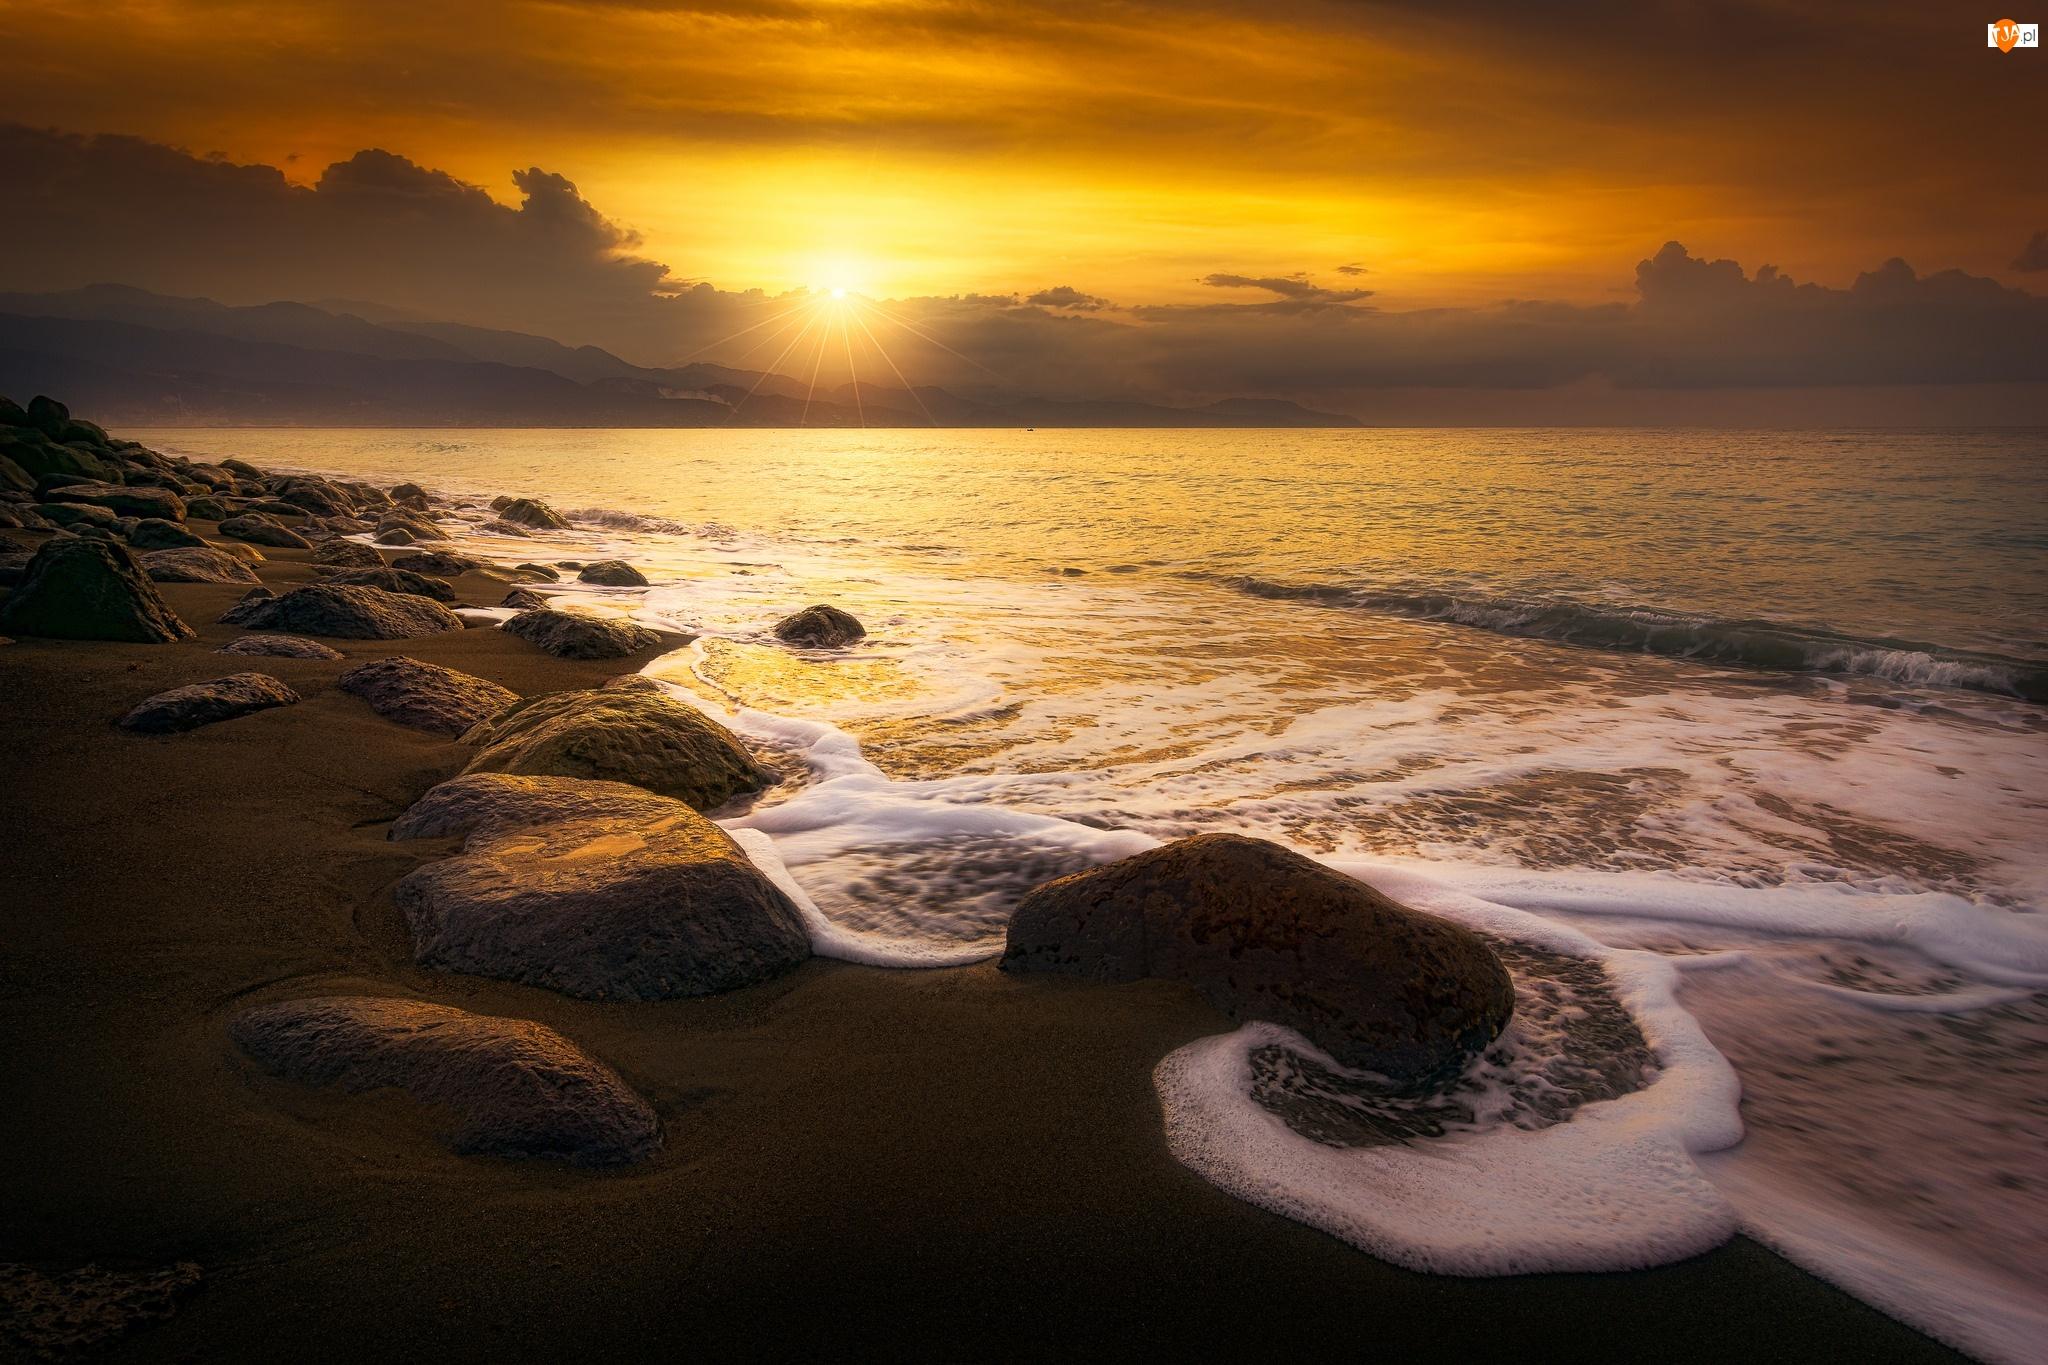 Kamienie, Wschód słońca, Plaża, Morze, Fale